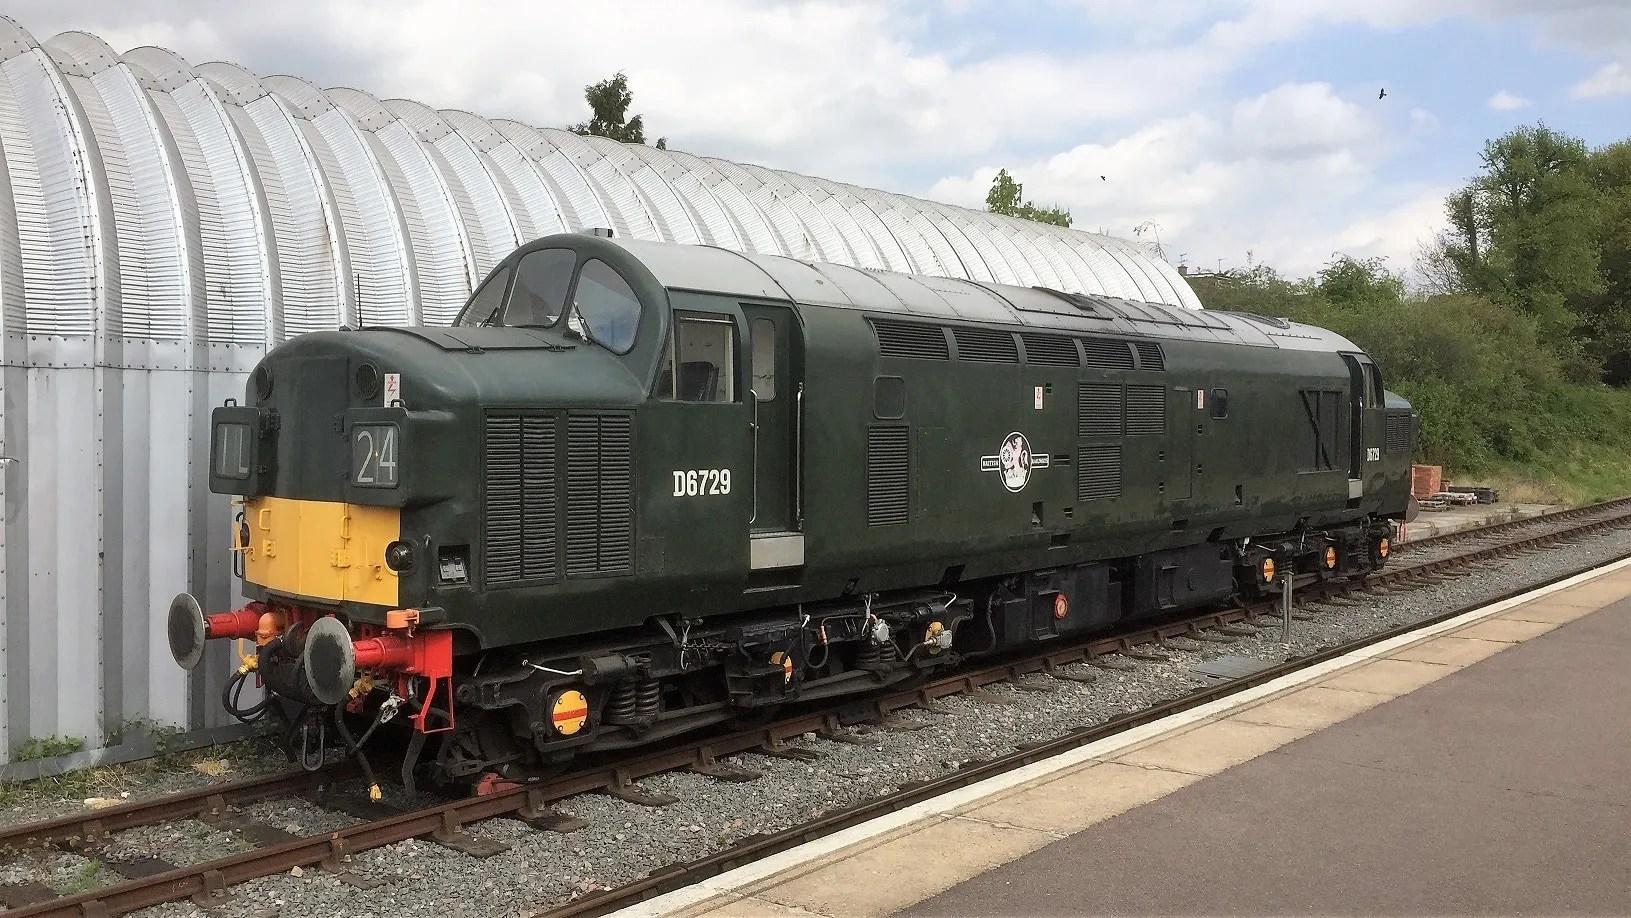 Class 37 D6729 awaits its next workshop at Ongar Station